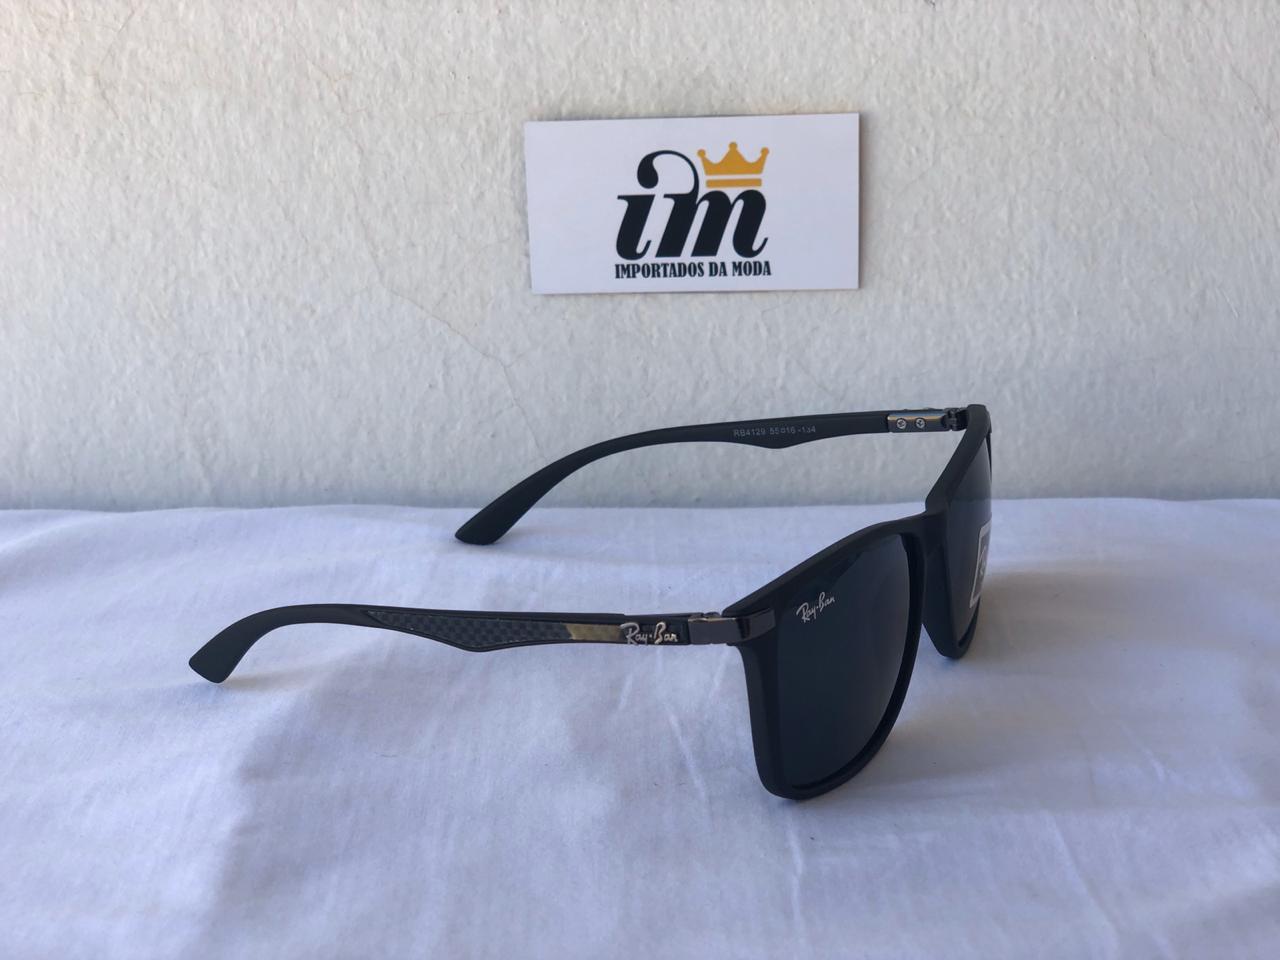 Oculos Sol Masculino RB Tech Replica